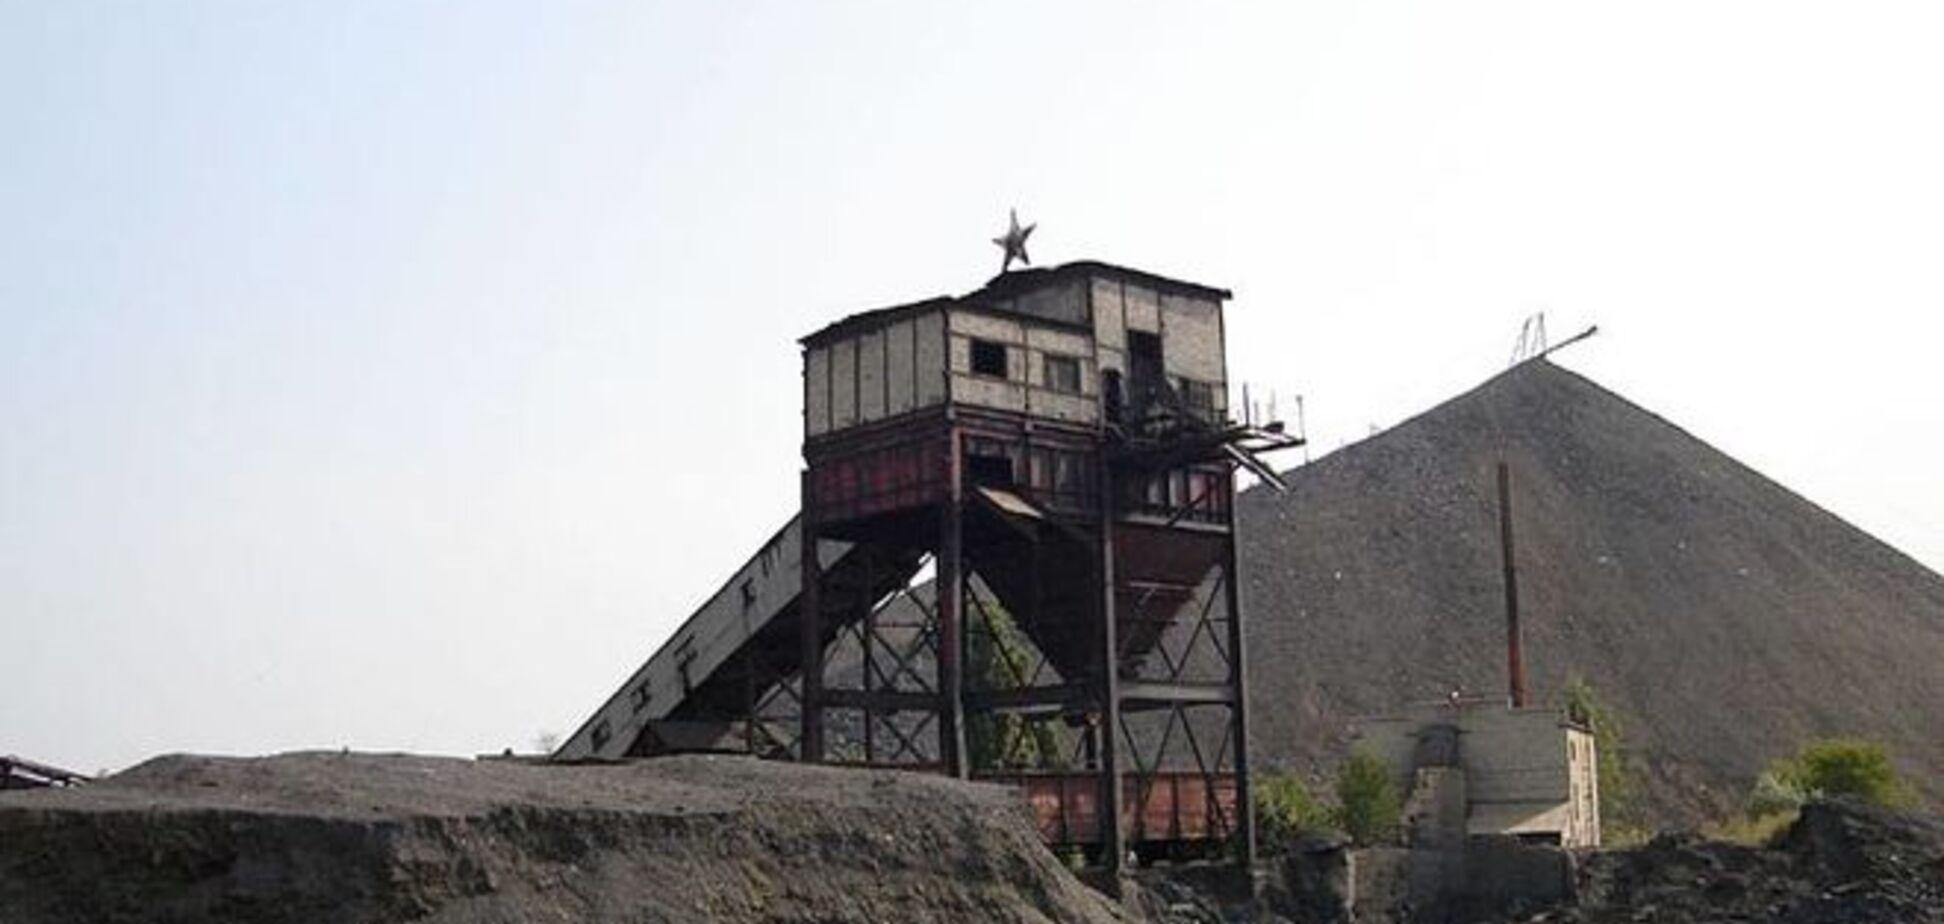 Міненерговугілля фінансує терористів через закупівлі вугілля - депутат